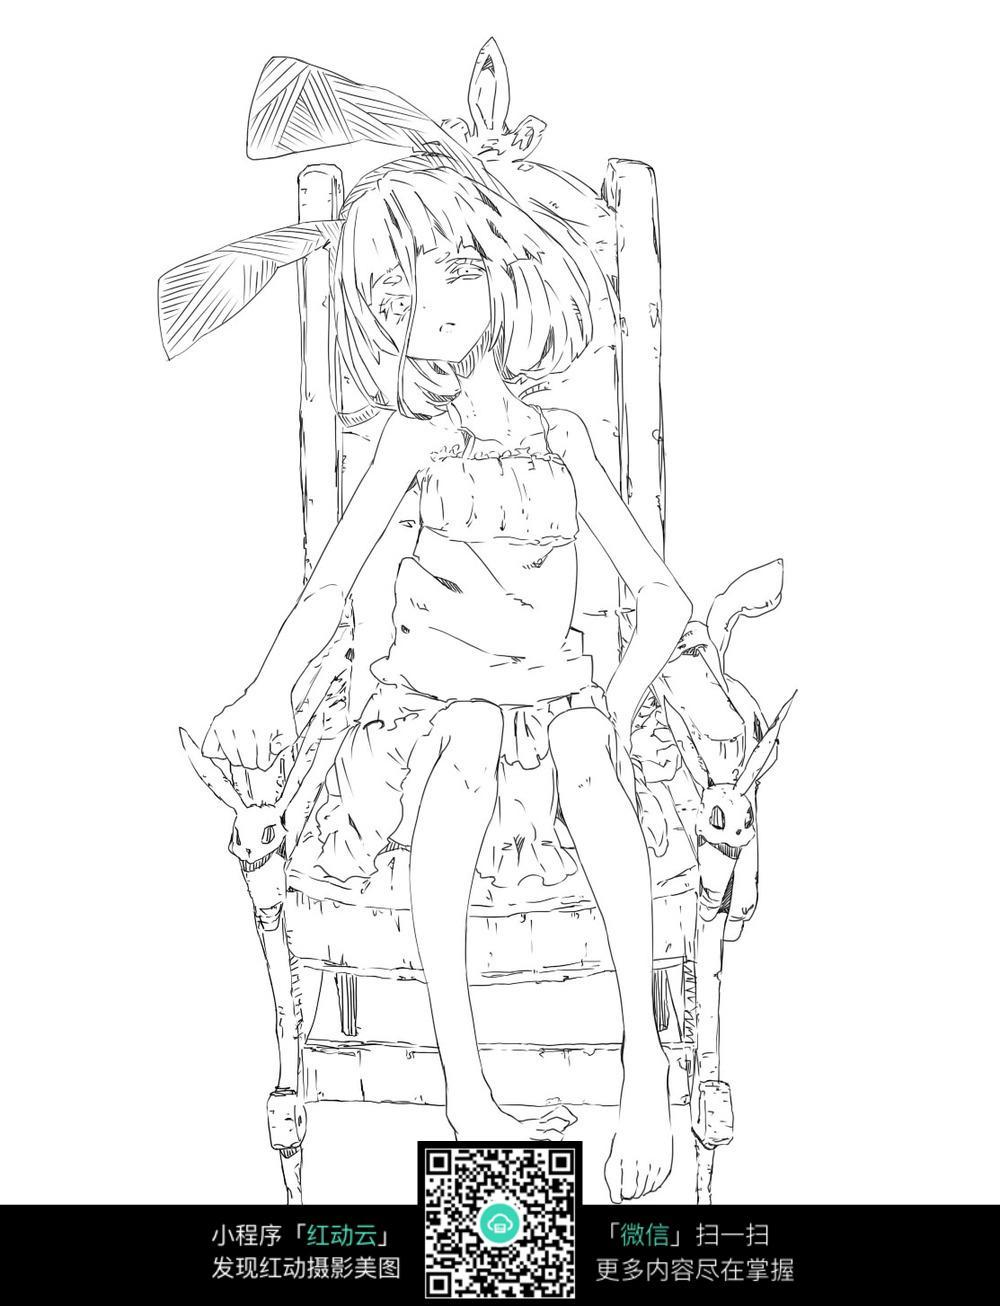 坐在椅子上的女孩卡通手绘线稿jpg